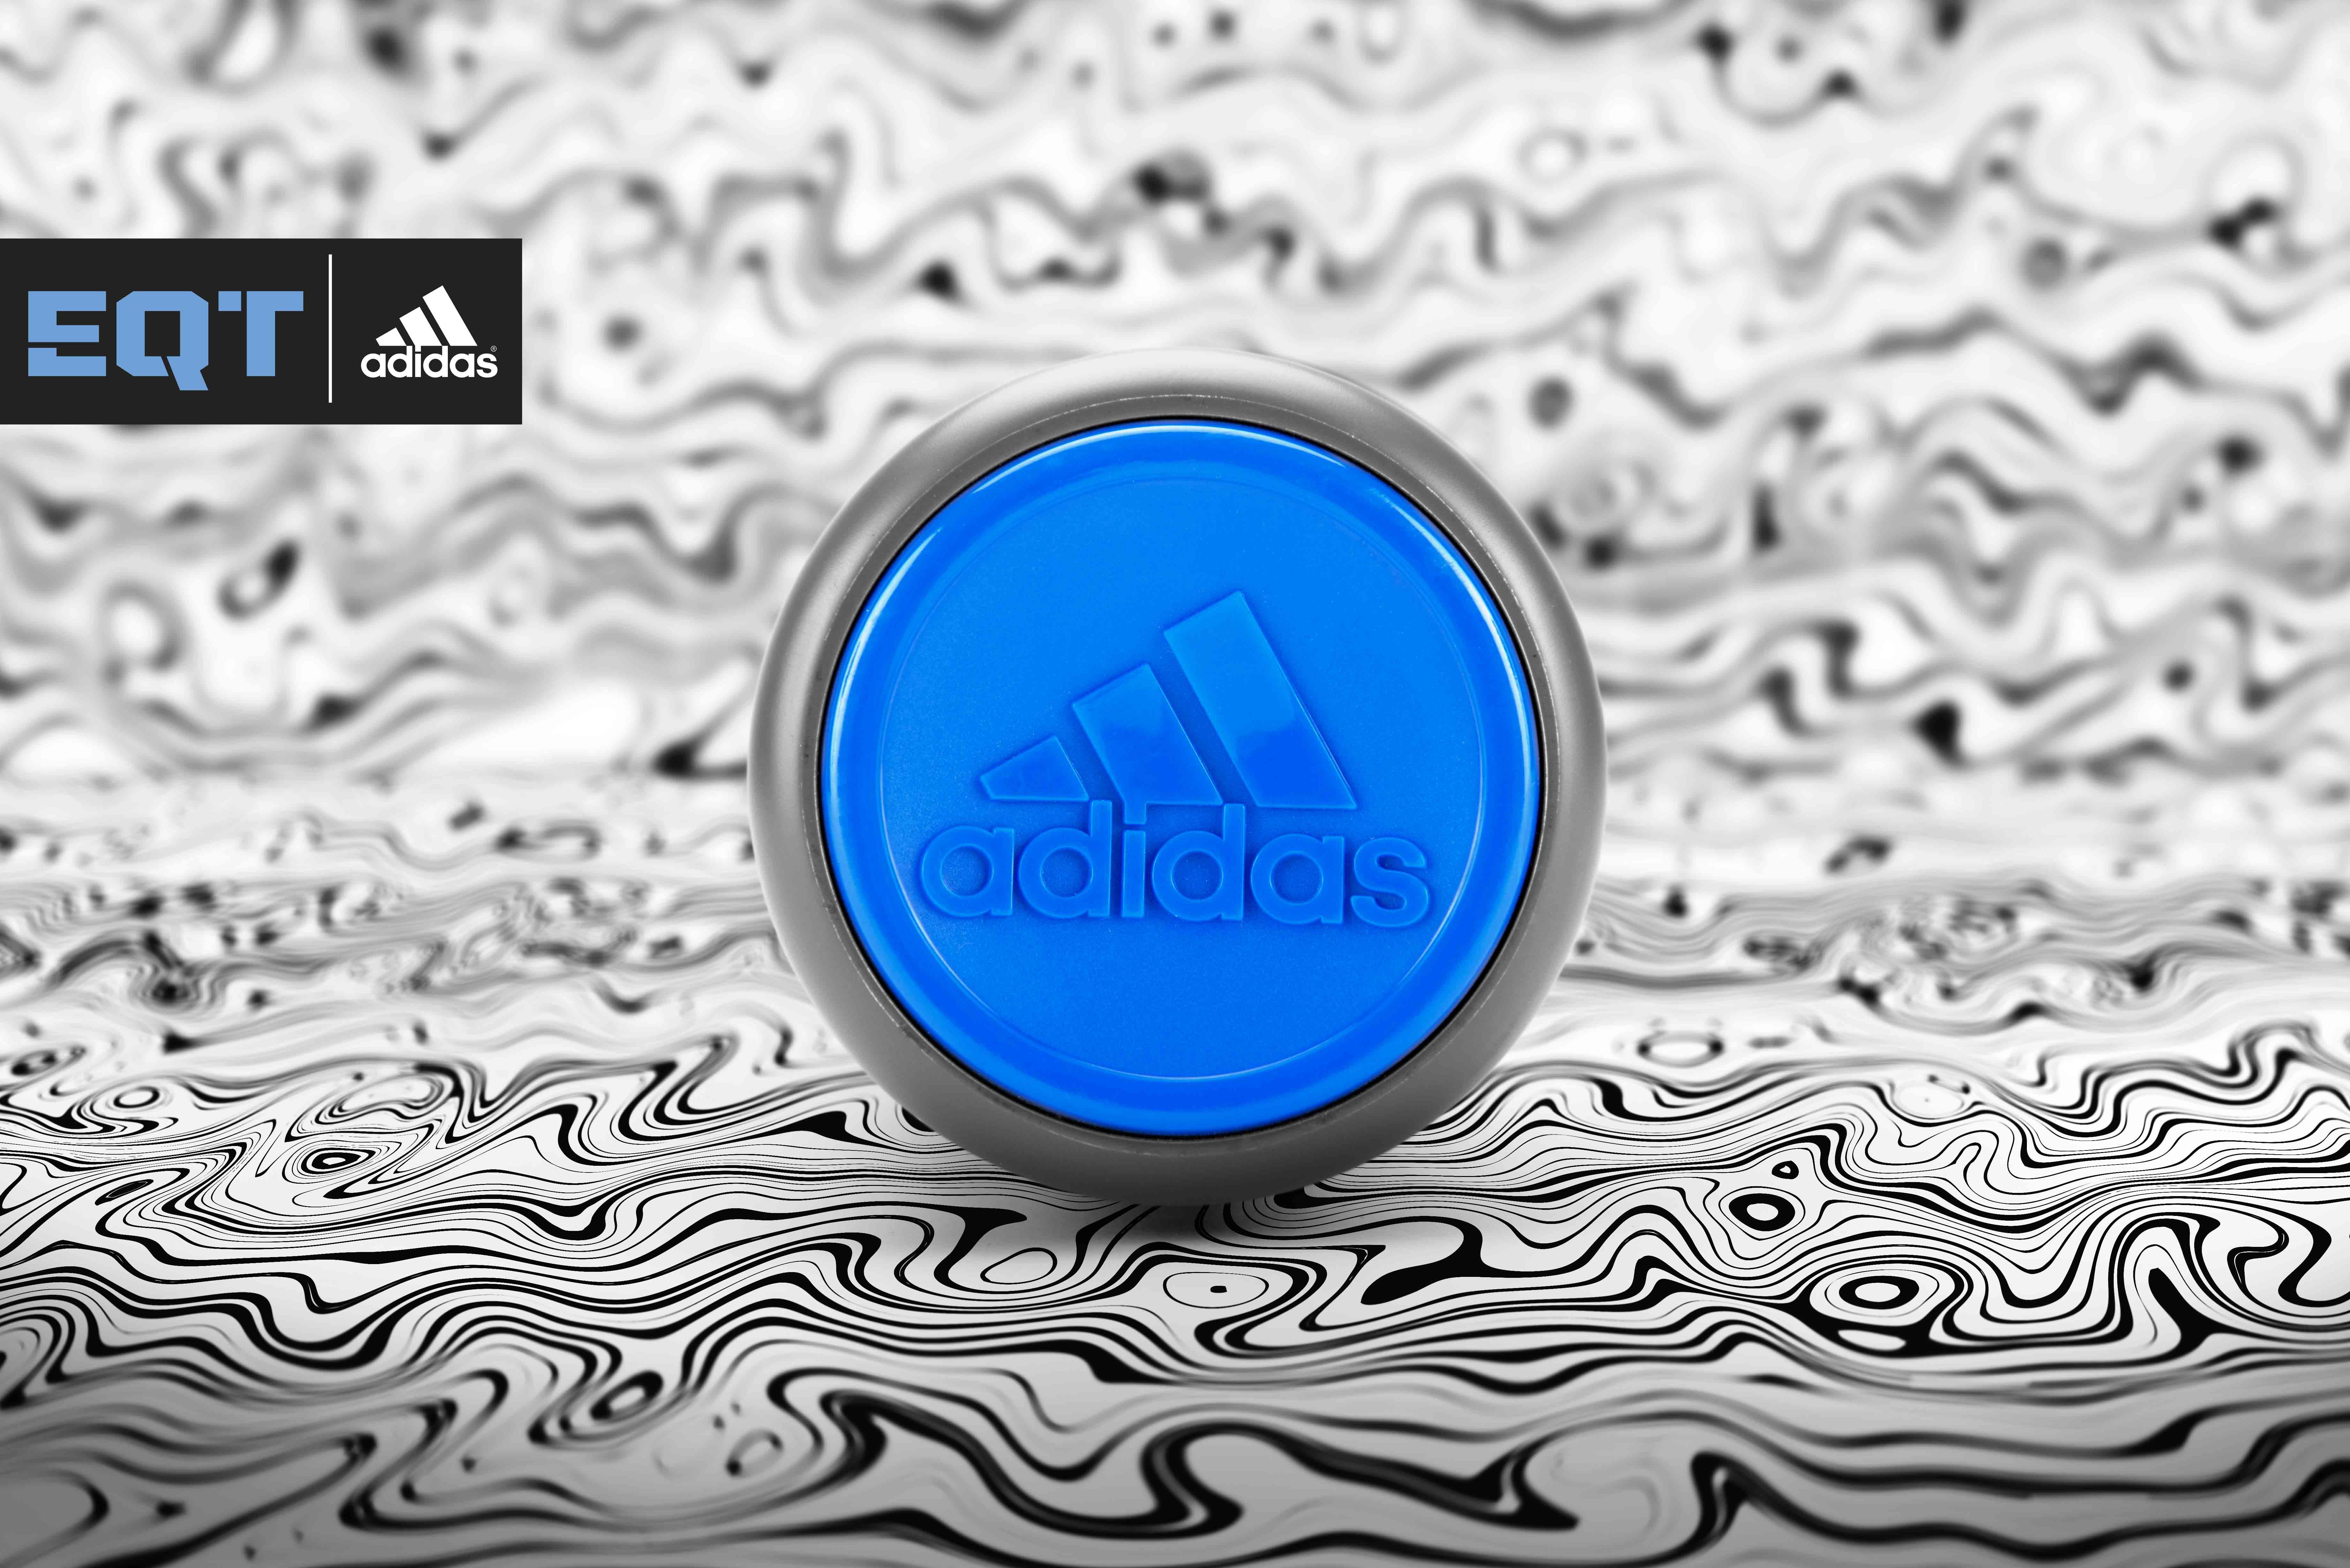 Adidas EQT Review